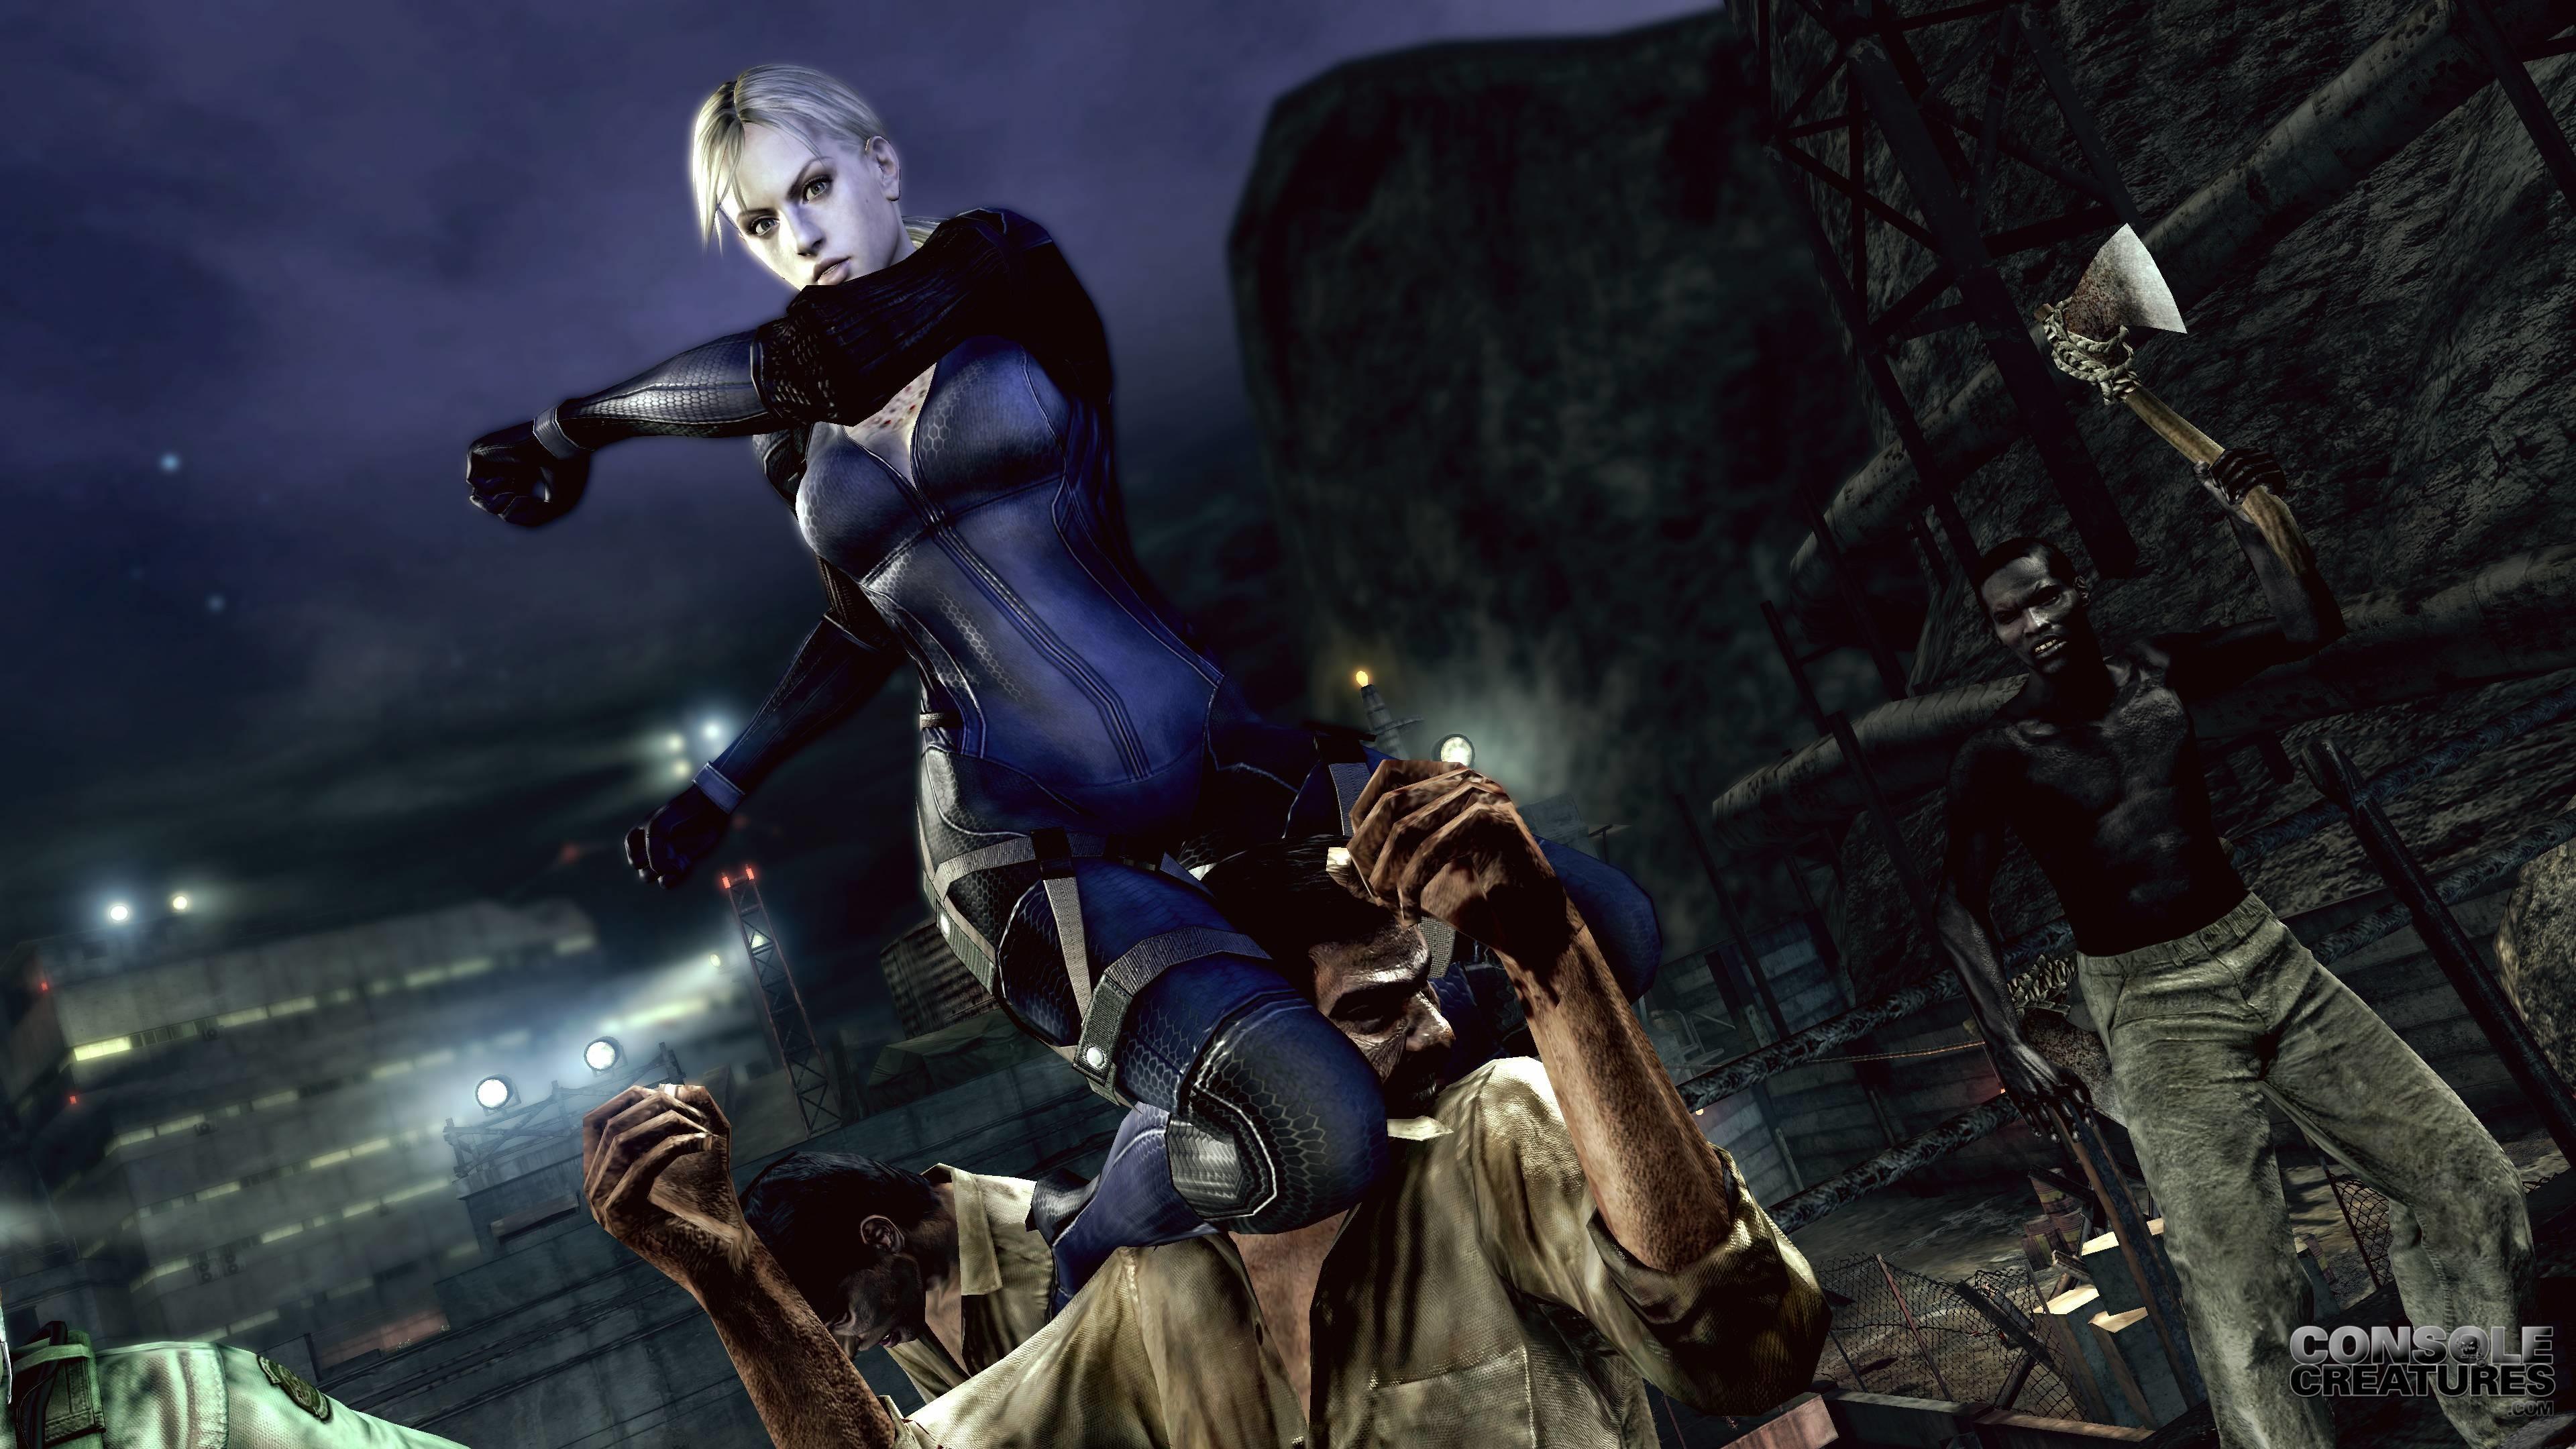 Resident evil 5 jill valentine wallpaper - Wallpaper resident evil 5 ...